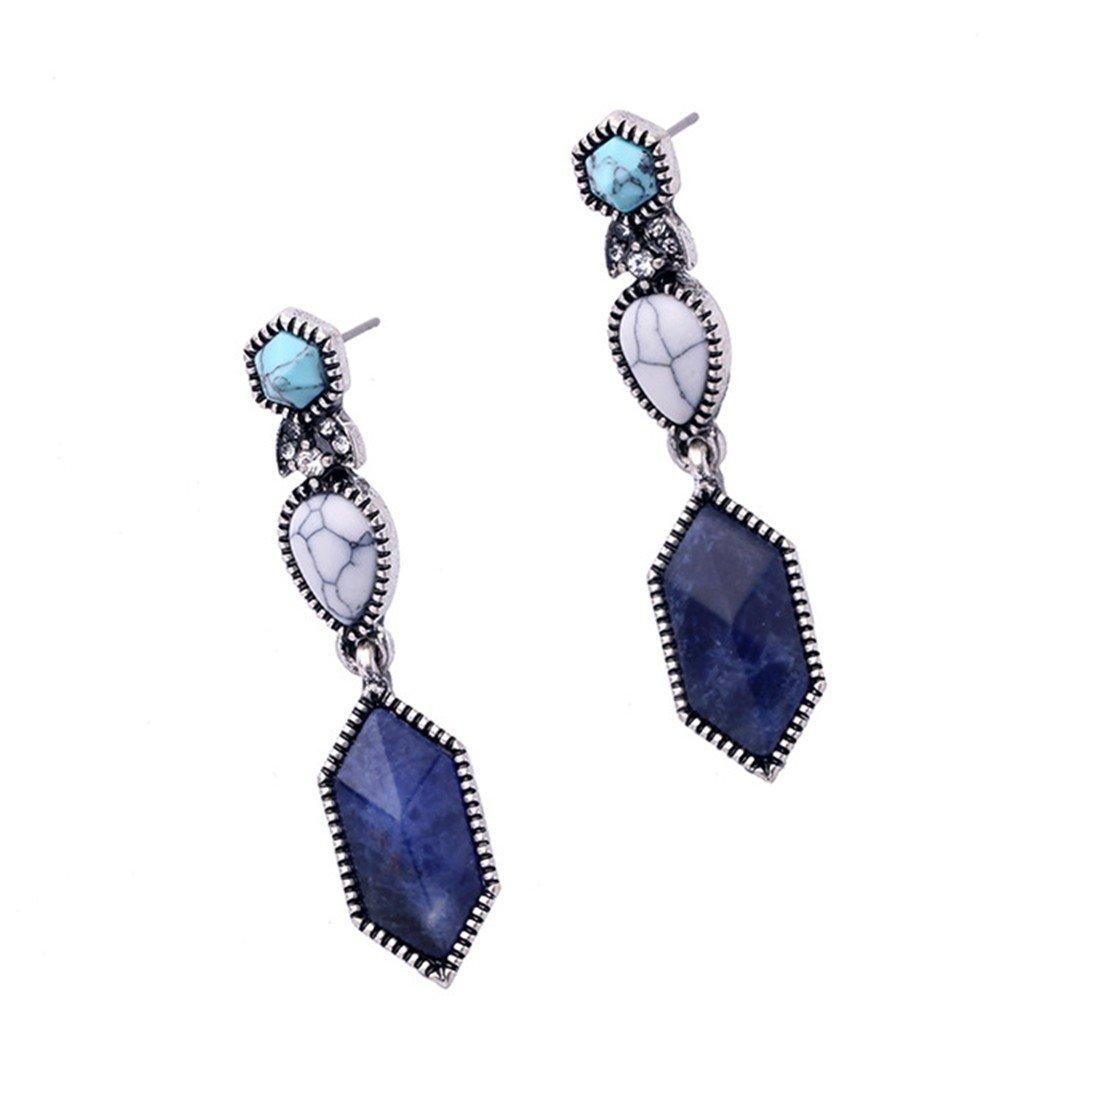 ball earrings clip on earrings ear cuffs dangle earrings earring jackets hoop earrings stud earrings European and American ladies long diamond studded Earrings